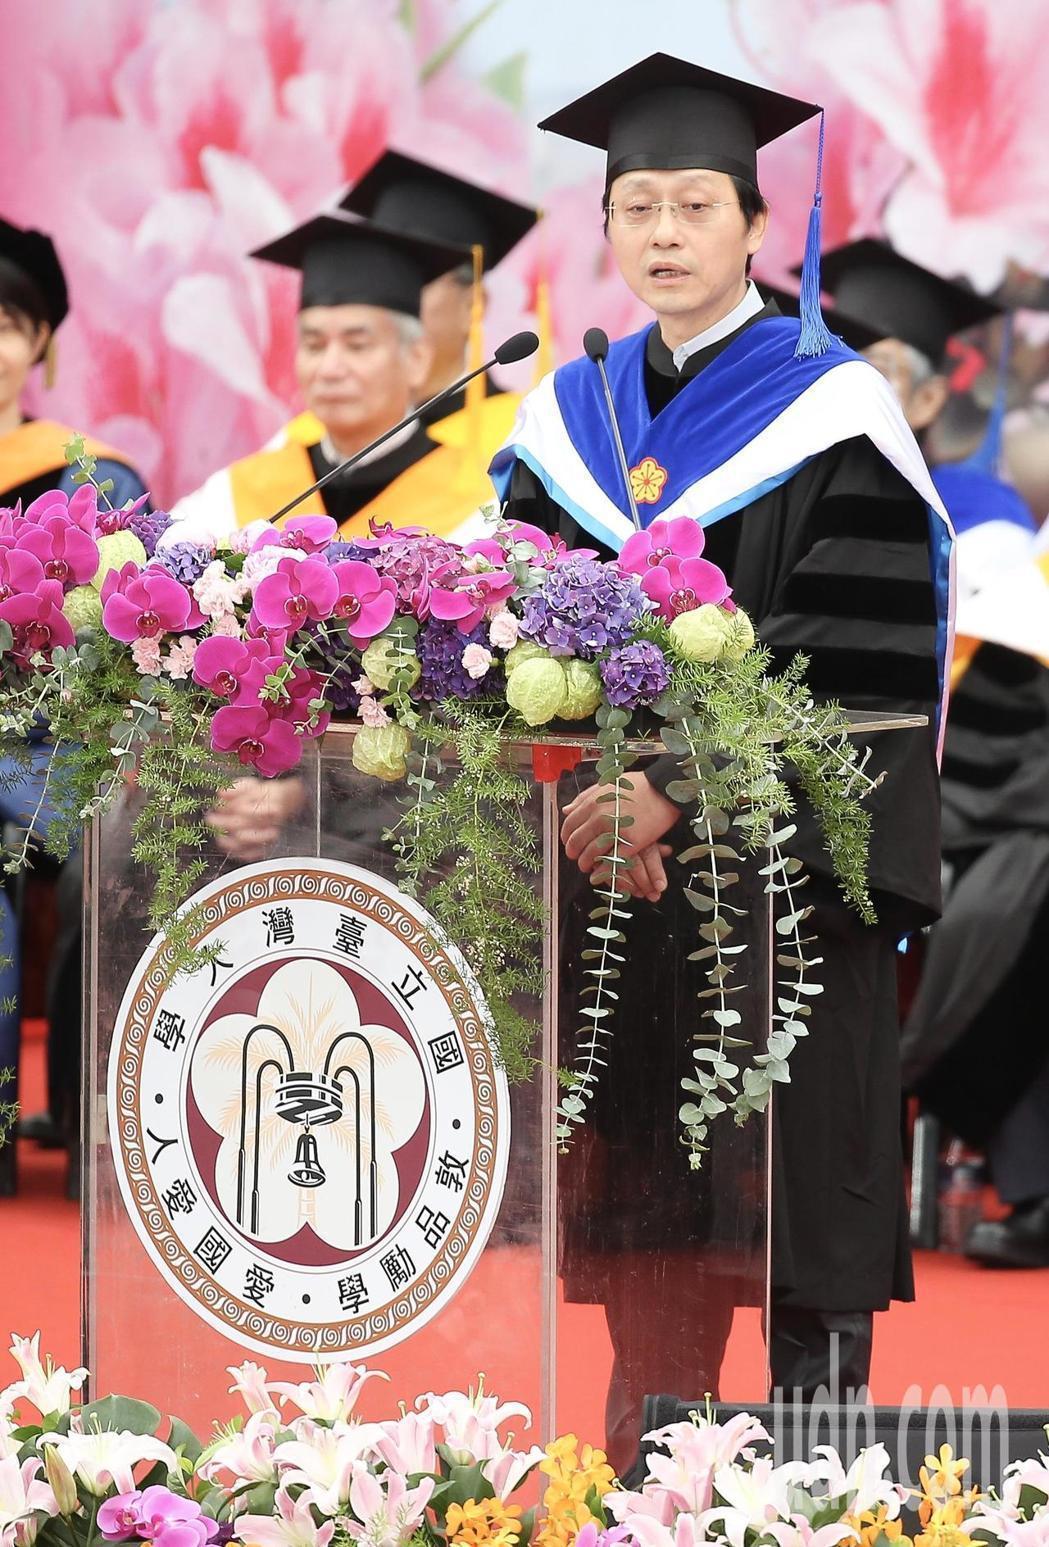 台灣大學上午舉行畢業典禮,台大代理校長郭大維(右)致詞時指出,台灣高教出問題,但...